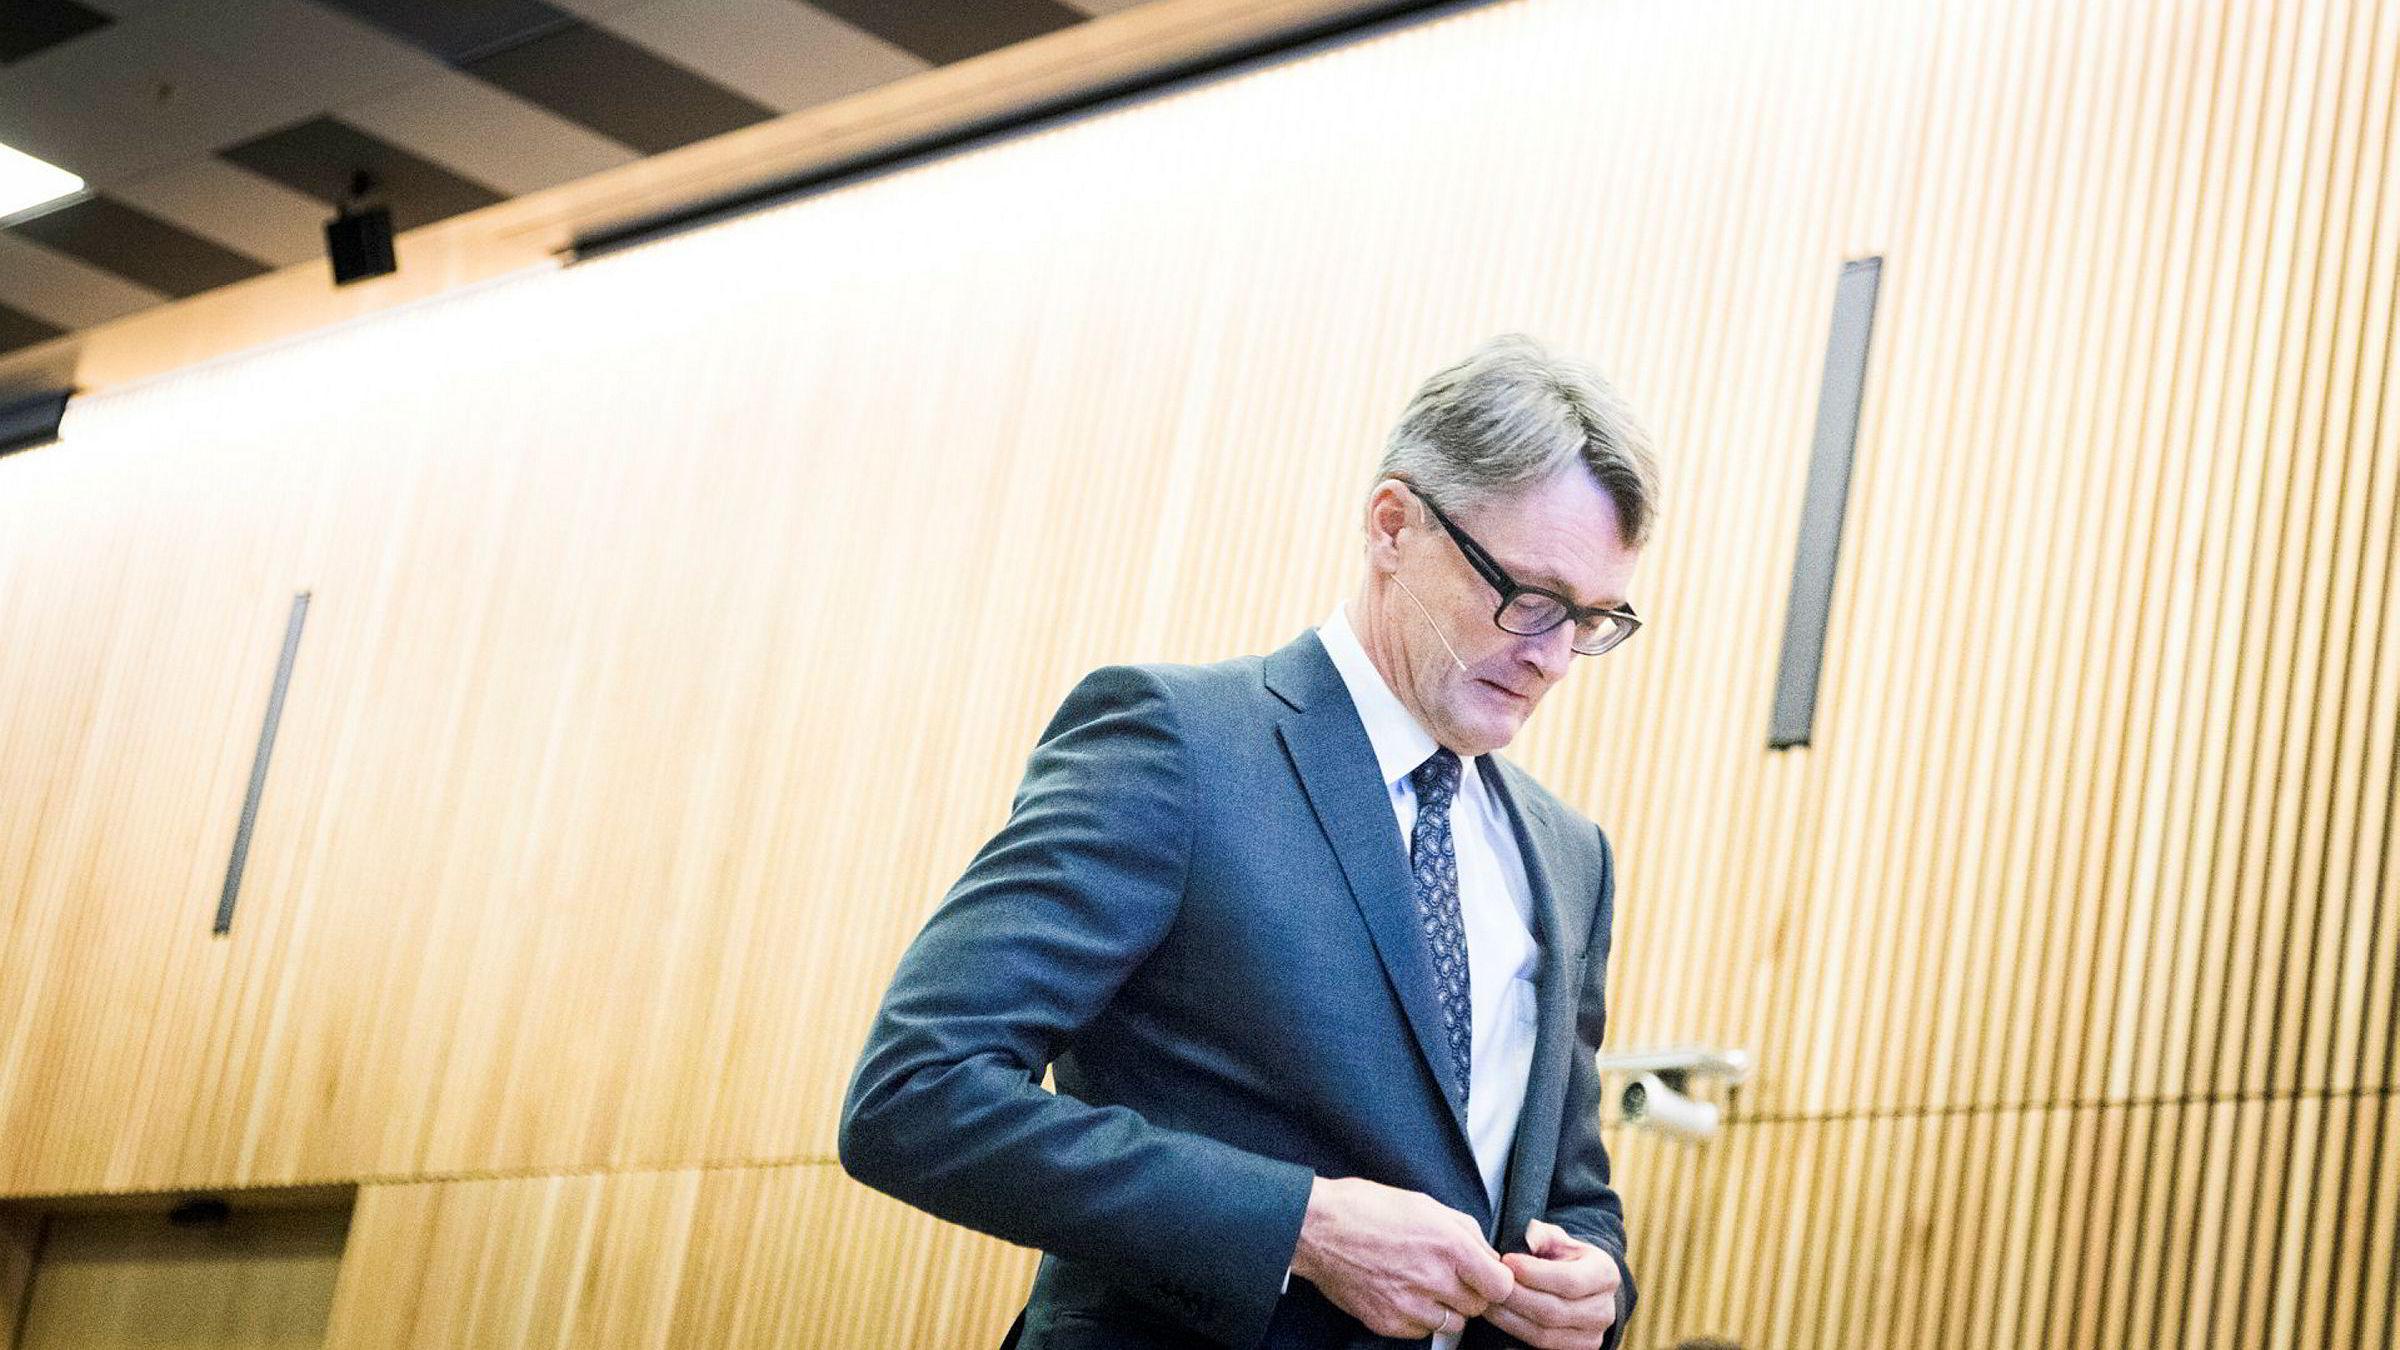 Aker-sjef Øyvind Eriksen, som selv er jurist, mener forlaget Tiden ikke kan gi ut Aker-boken på ordinært vis i bokhandel.